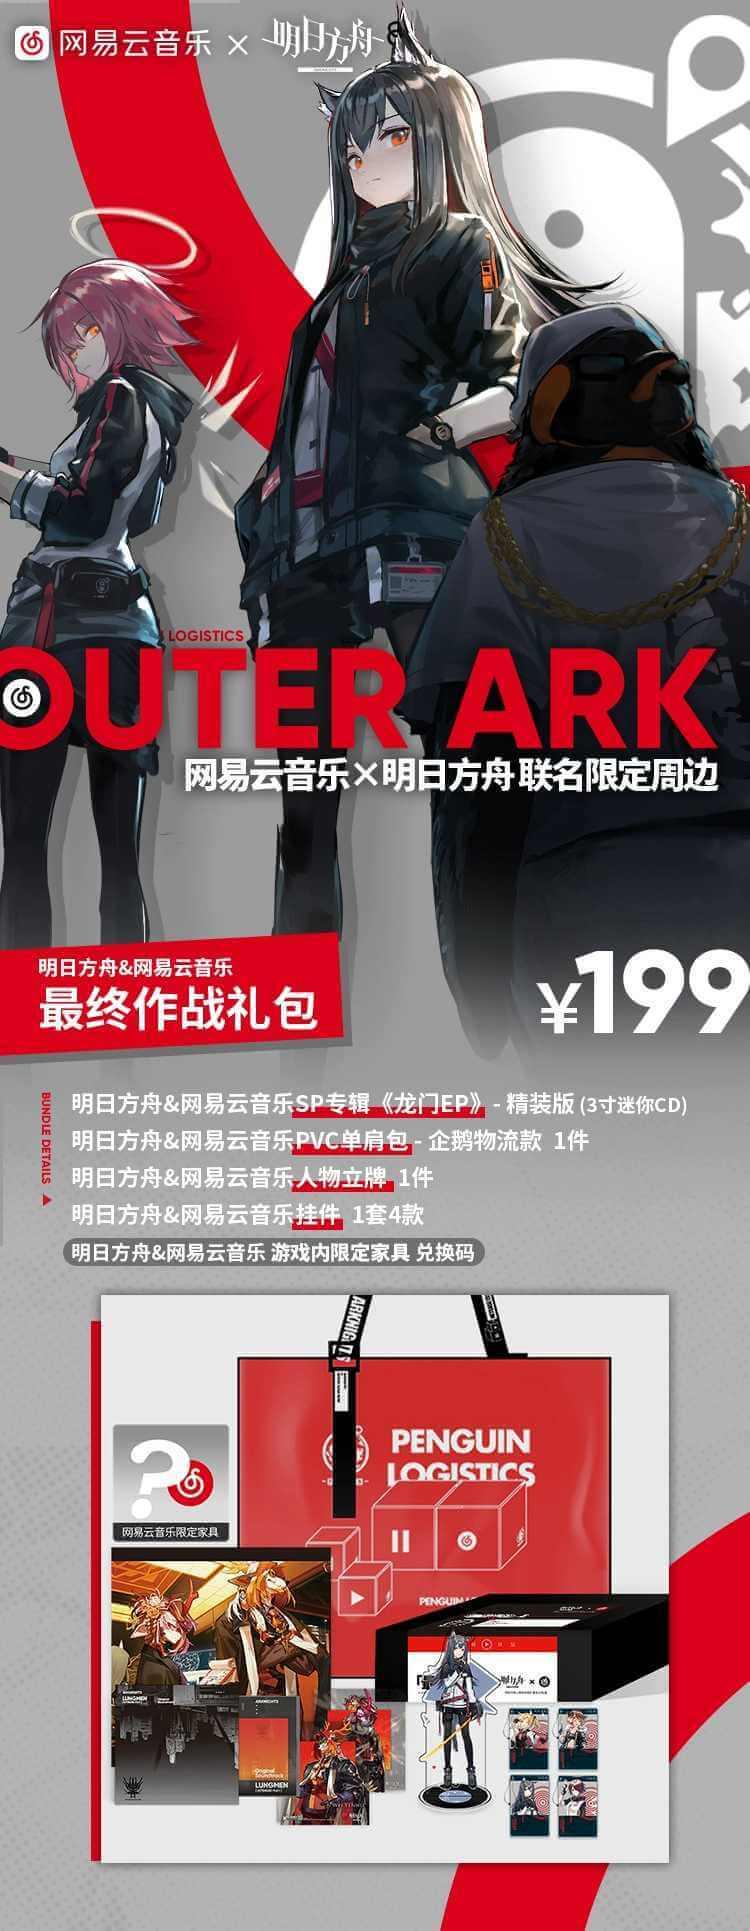 明日方舟首张OST免费开放 网易云音乐联名周边礼包开启预售-C3动漫网